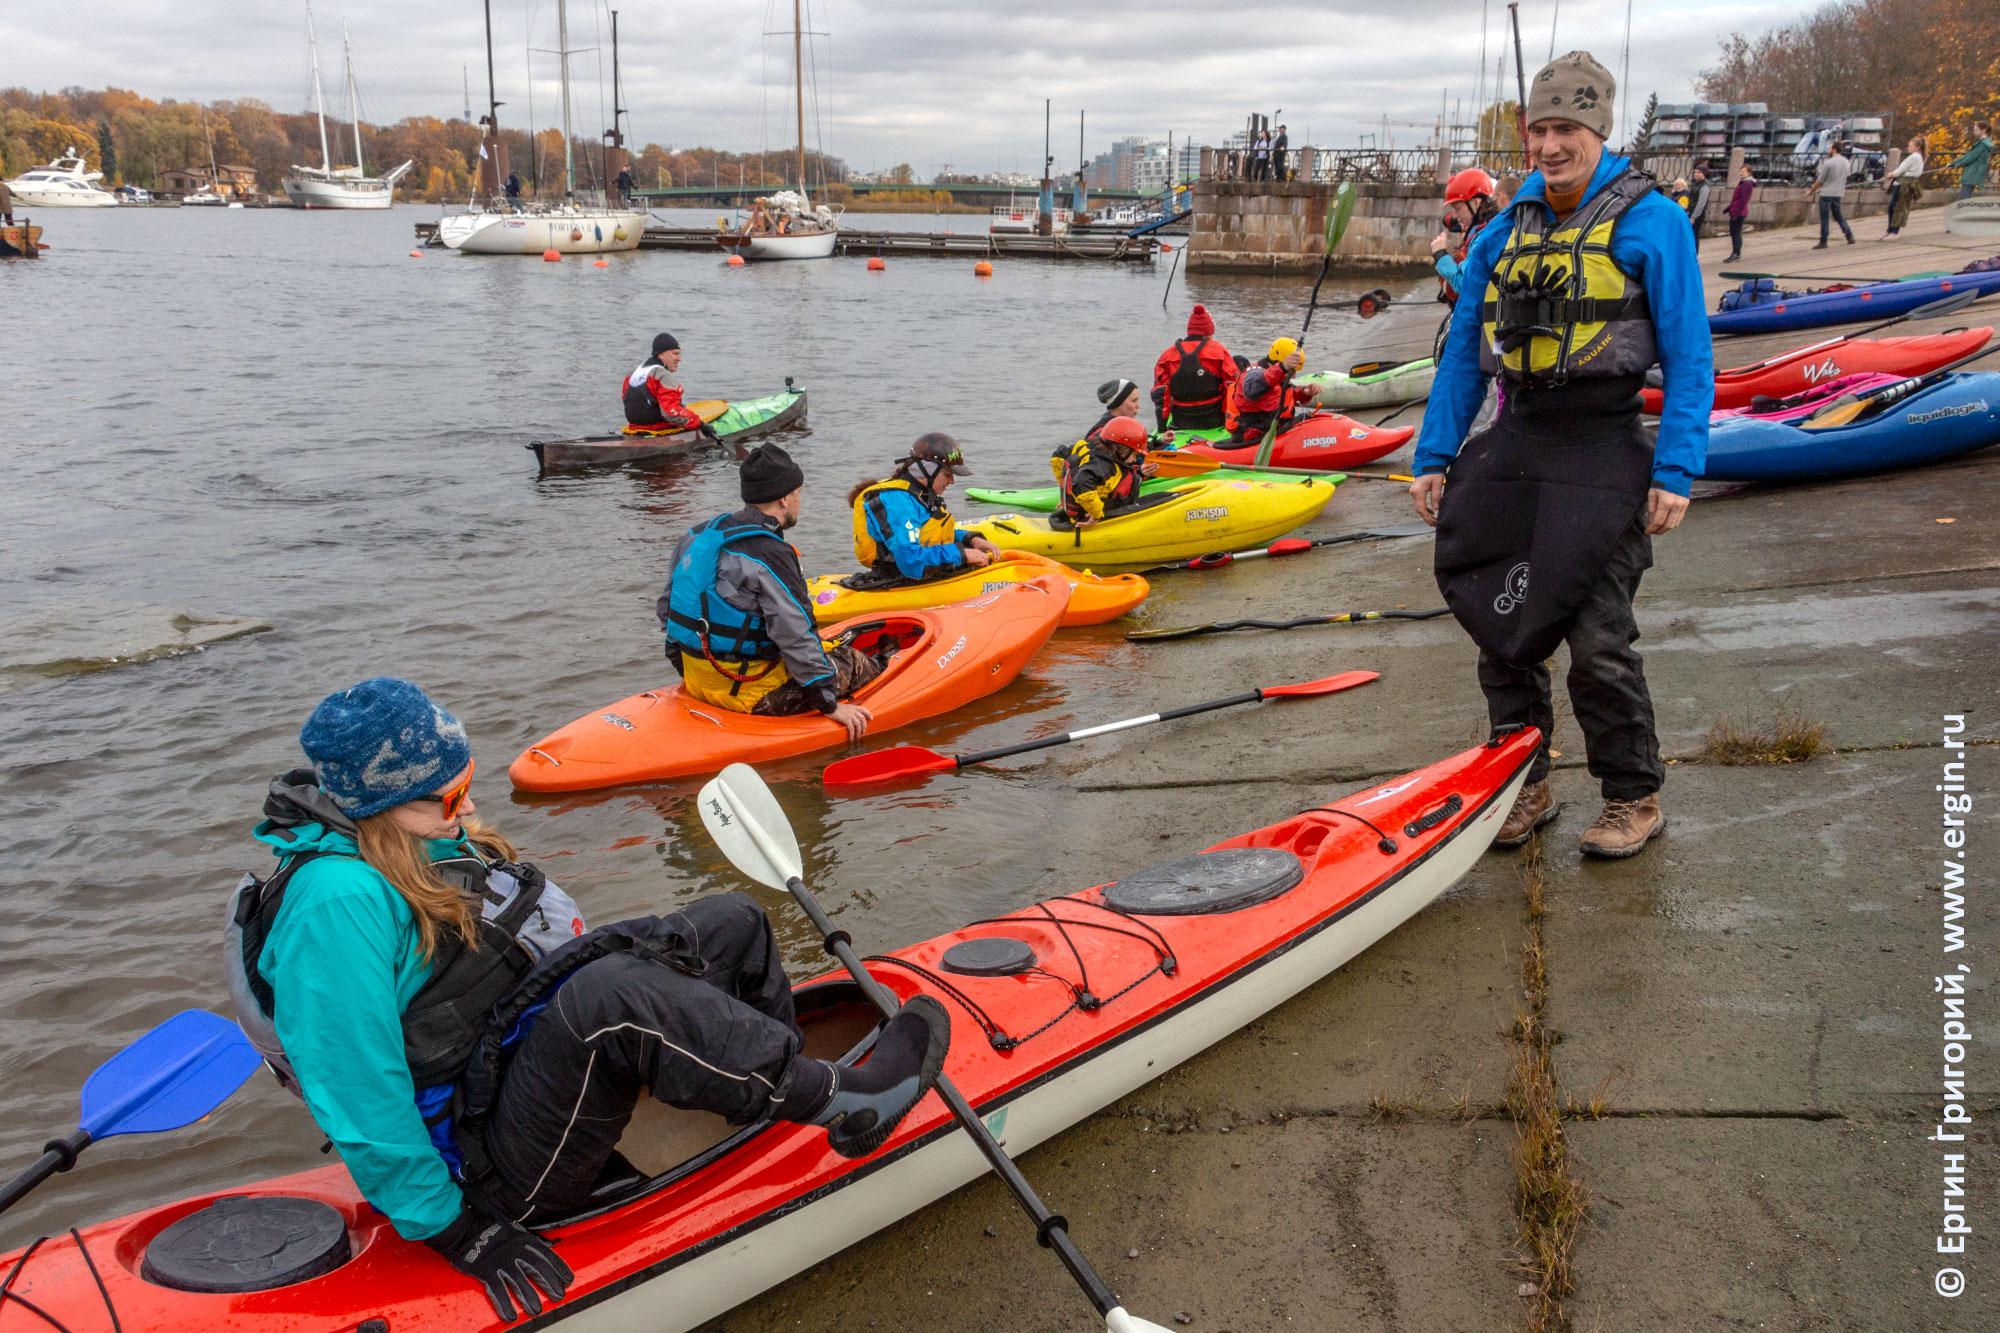 Яхт-клуб высадка каякеров Санкт-Петербурге